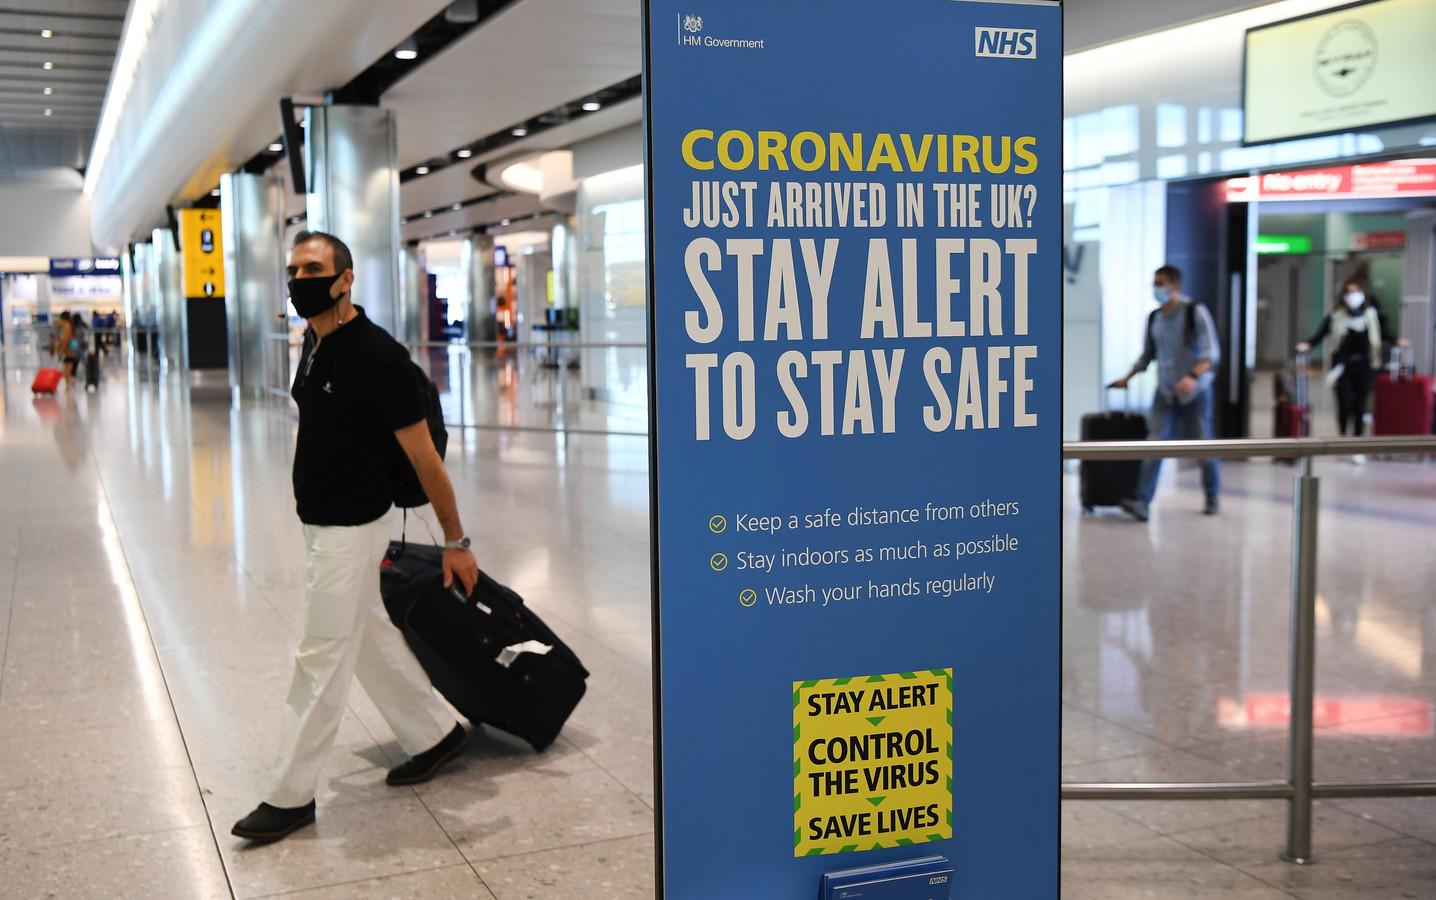 Photo d'illustration de l'aéroport de Londres.